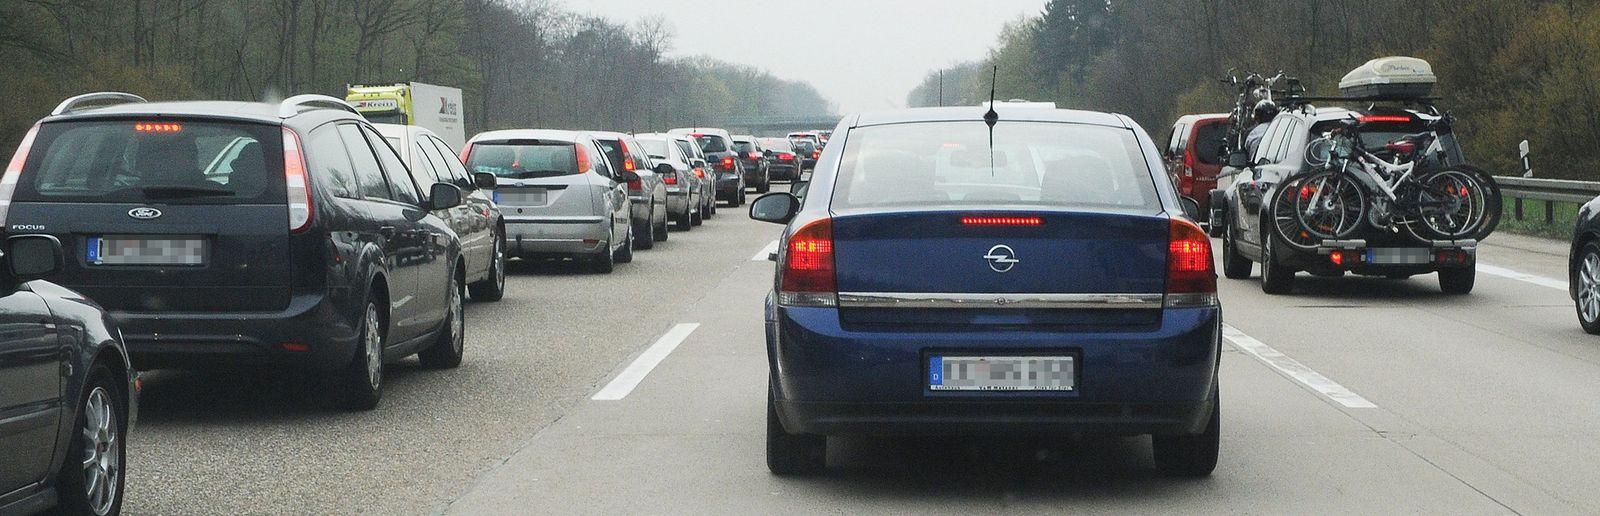 Hohes Verkehrsaufkommen bei Karlsruhe